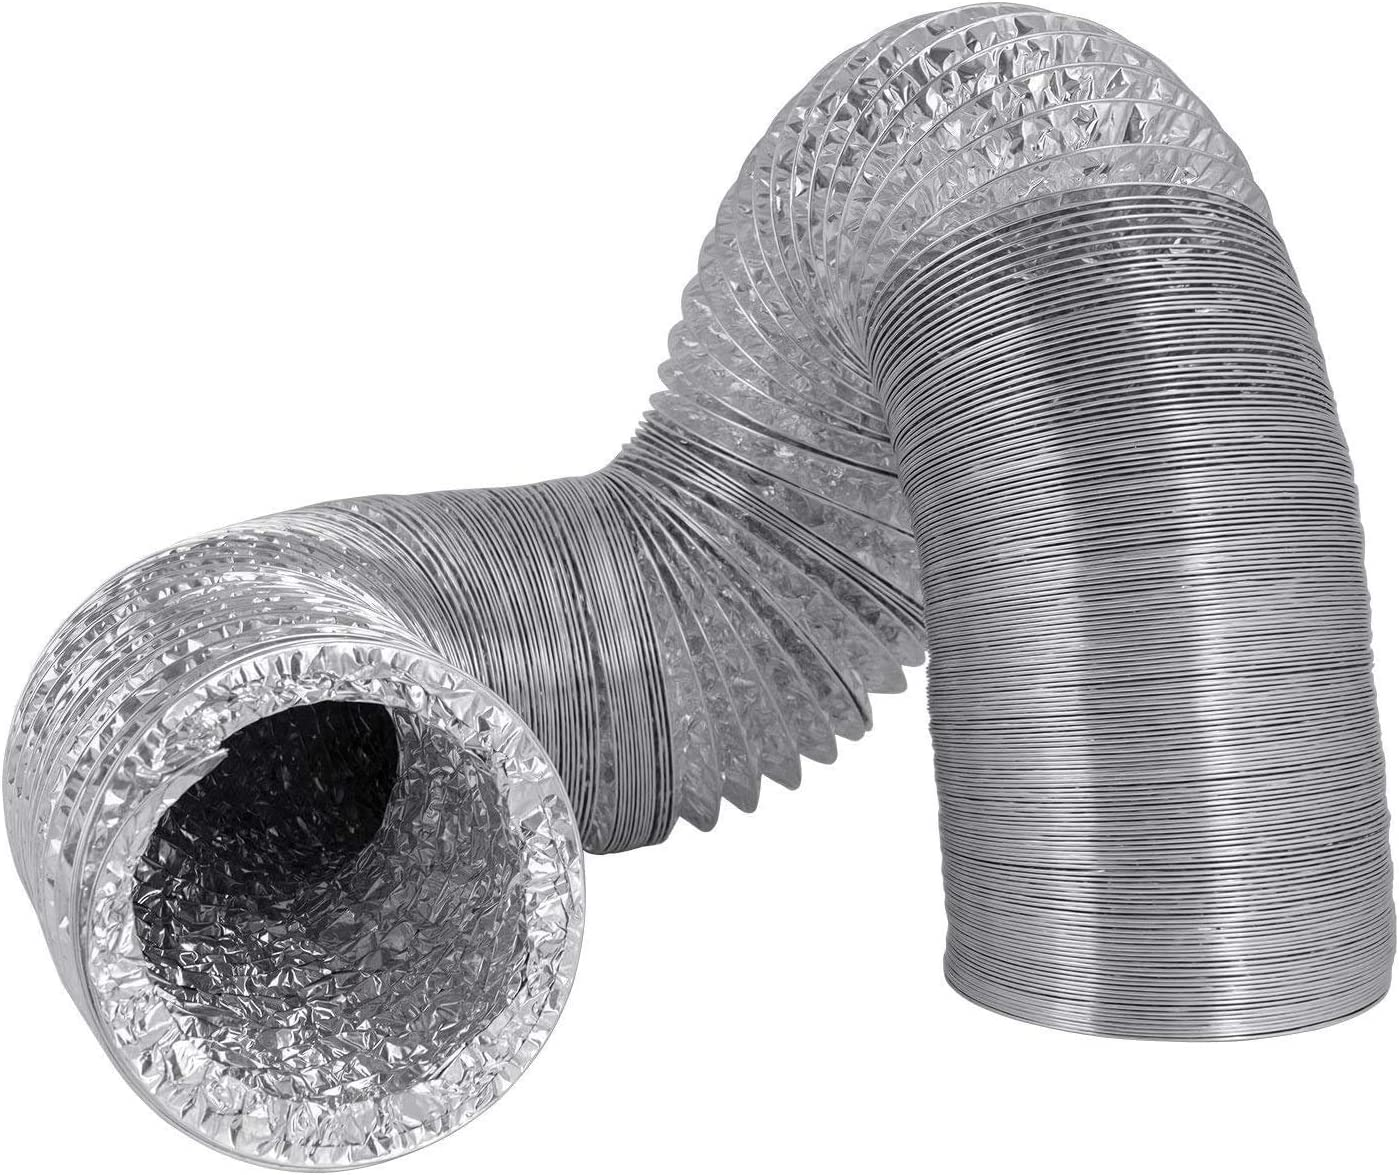 Hon&Guan Manguera Flexible de Ventilación de Aluminio Tubo Salida Aire para Baño, Kitchen Campana(ø100mm*2m,Plata): Amazon.es: Hogar